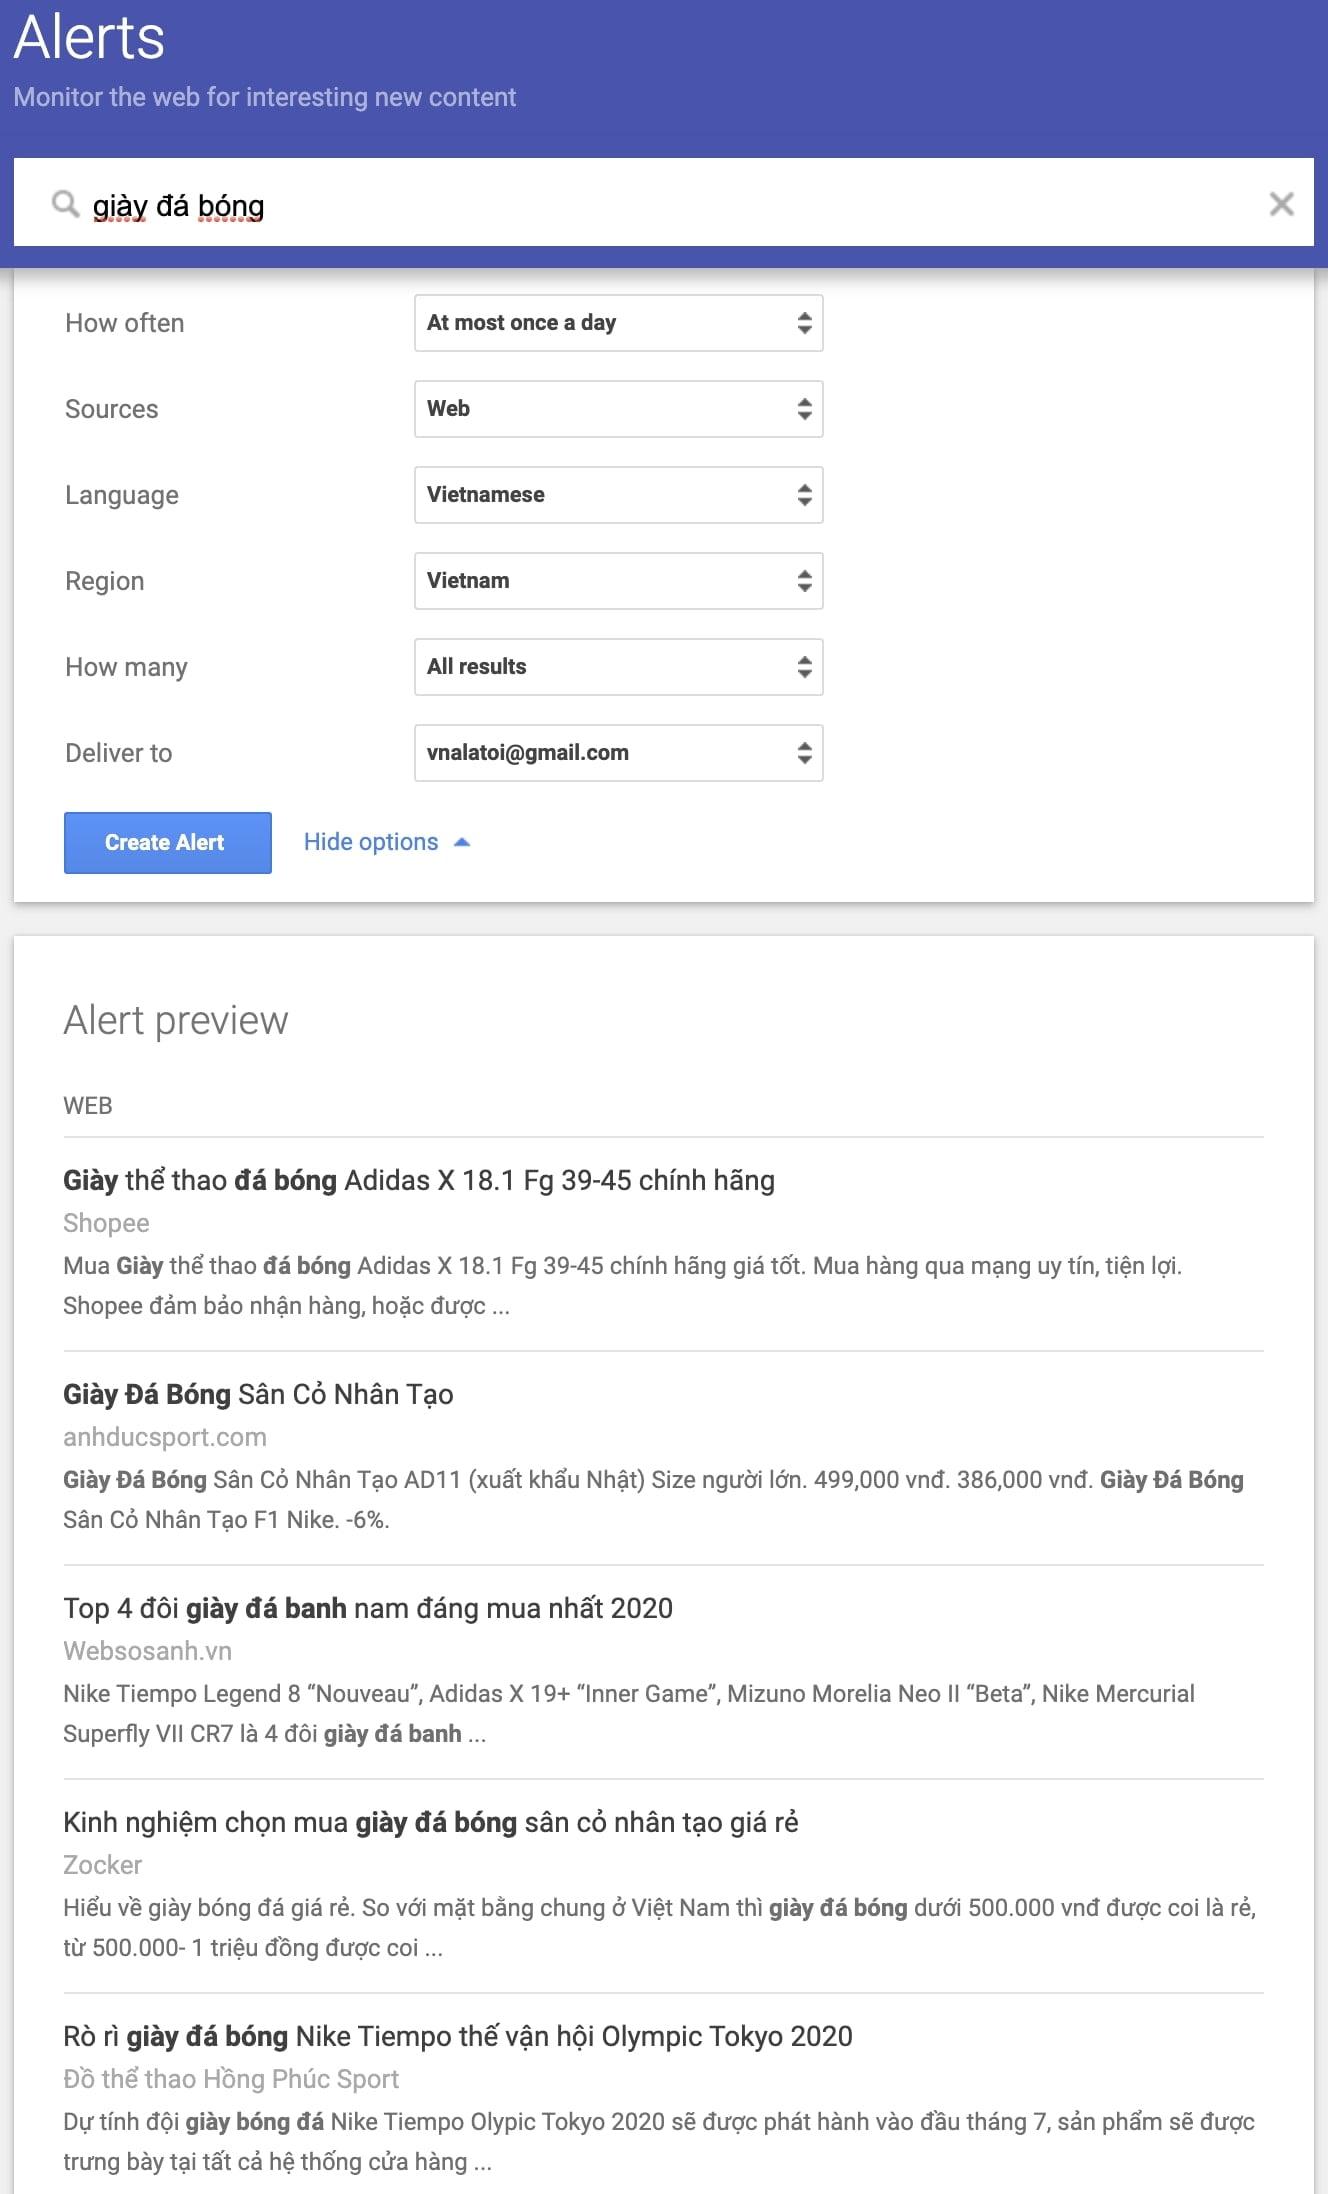 Google Alerts là gì? Hướng dẫn sử dụng Google Alerts từ cơ bản đến nâng cao 1